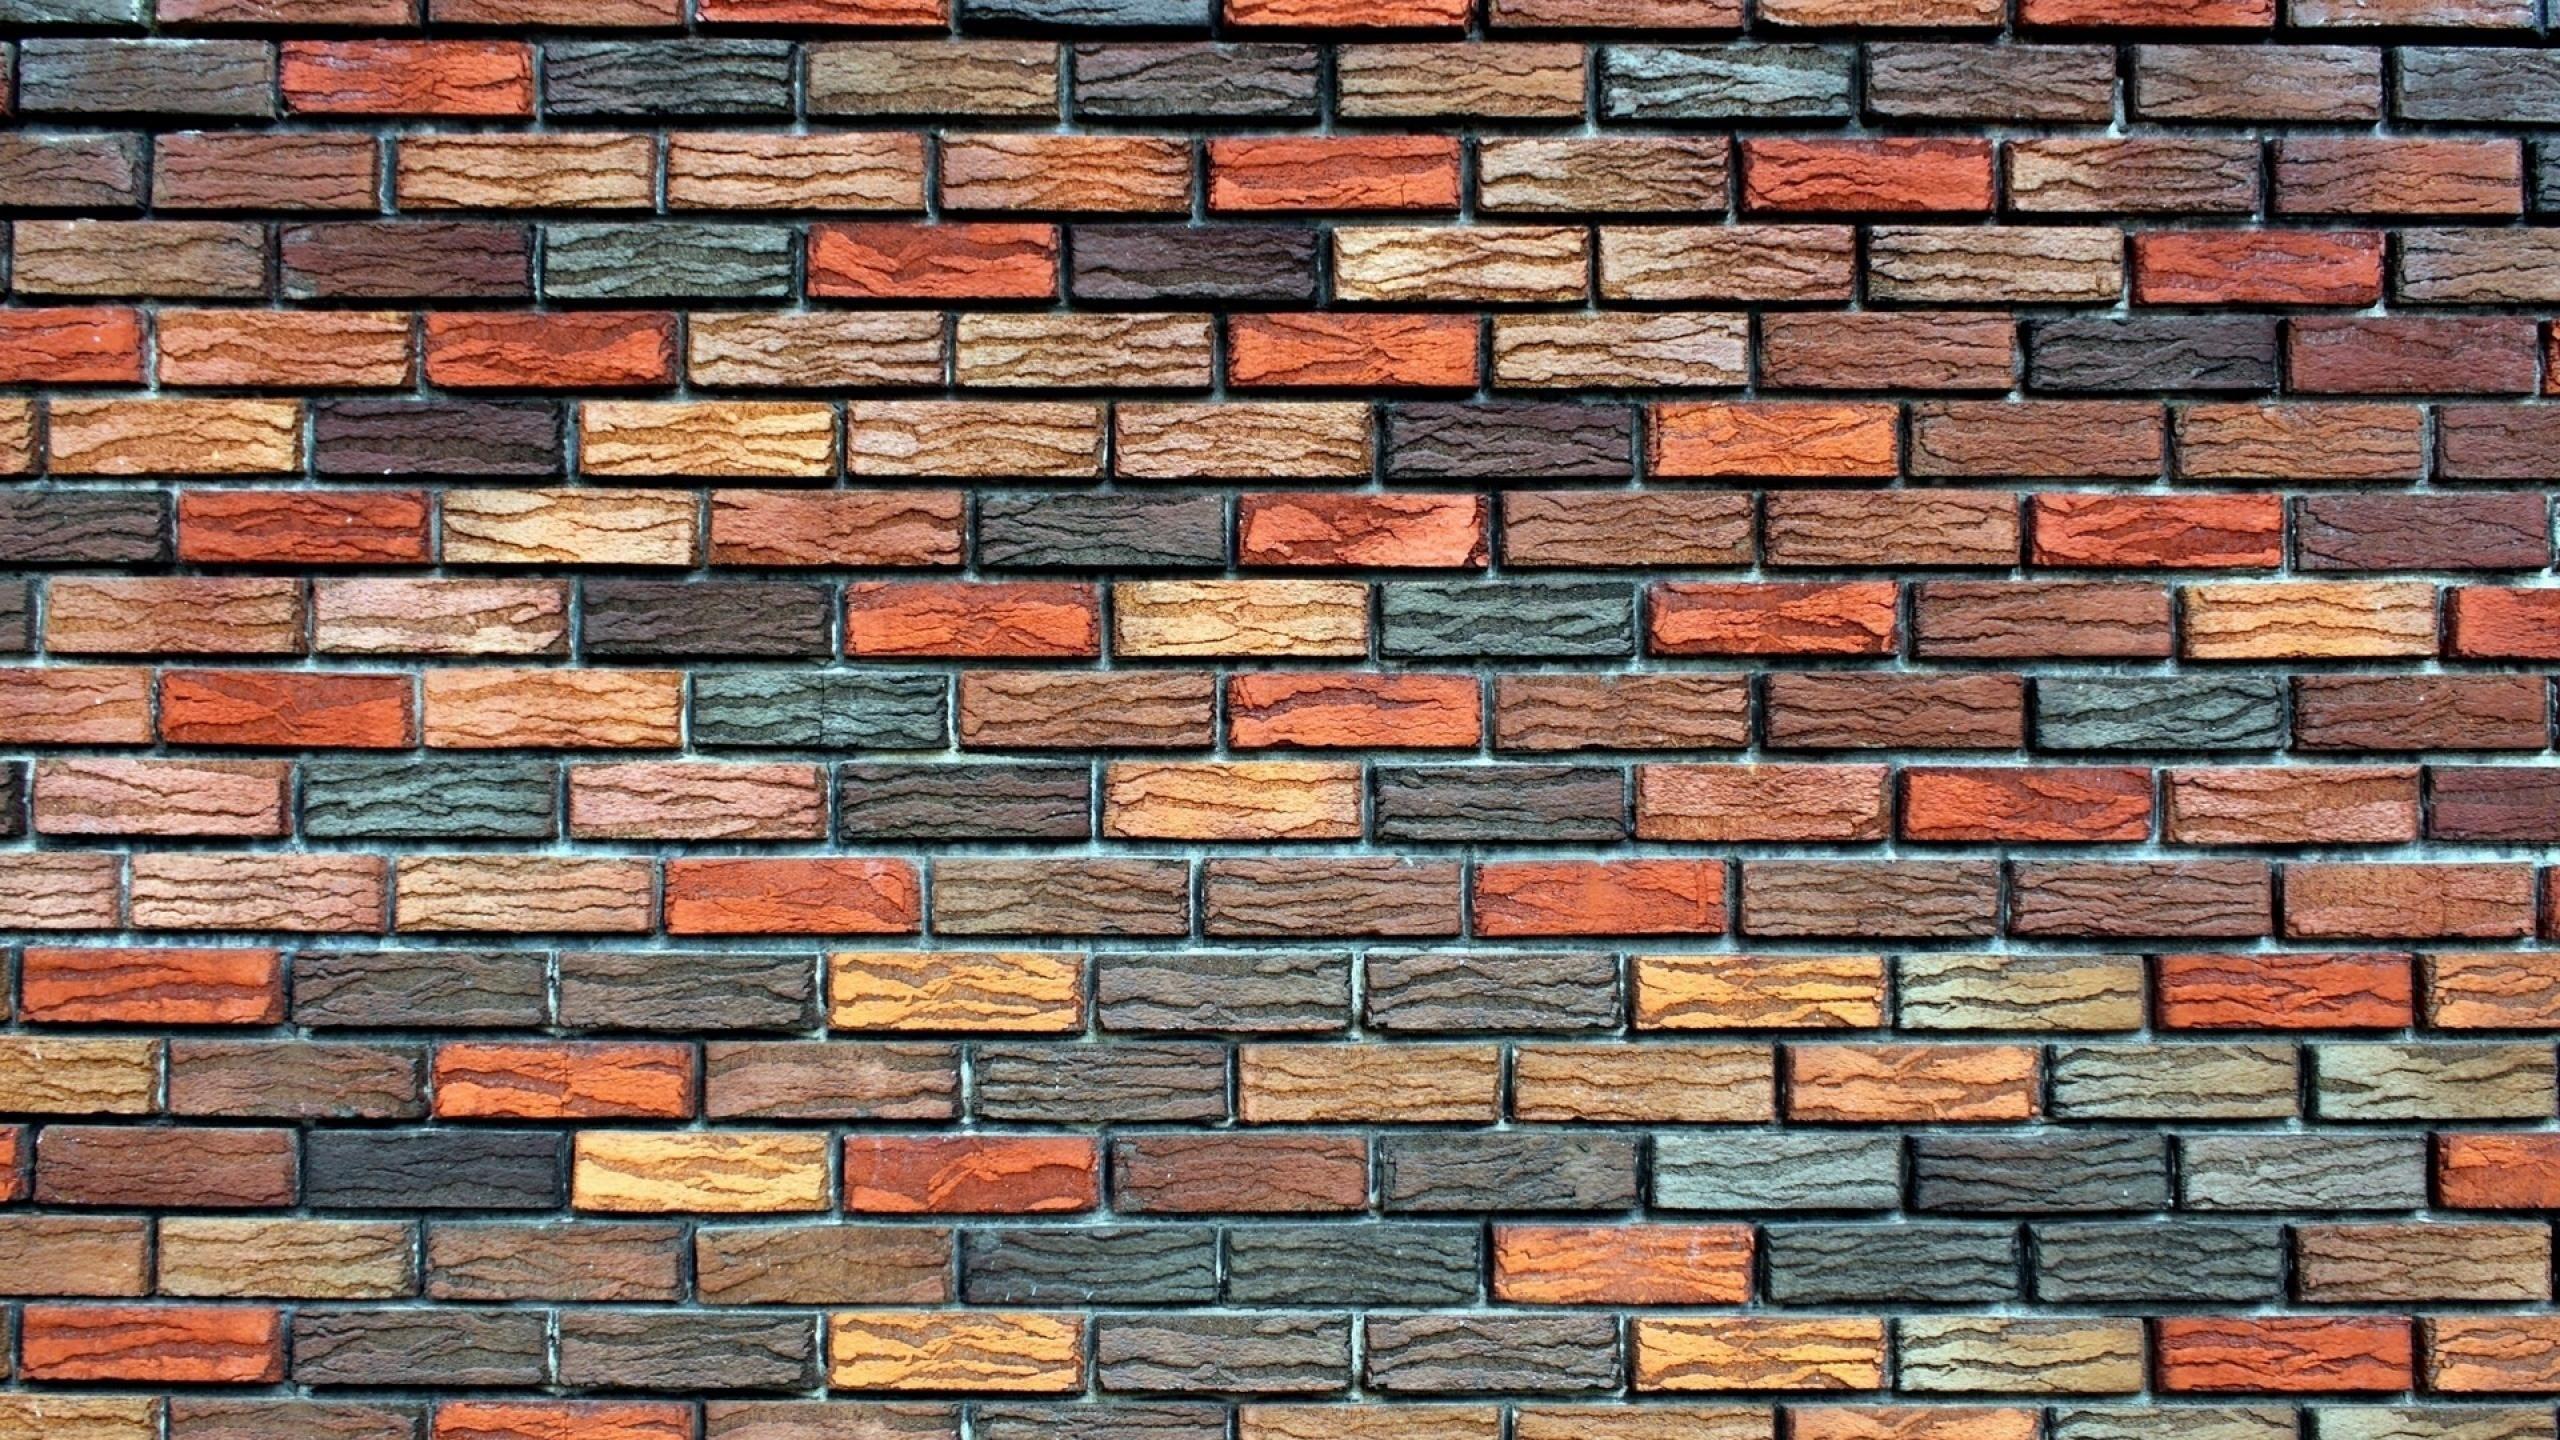 texturedwallstonebricktexturemy787380.jpg (2560×1440